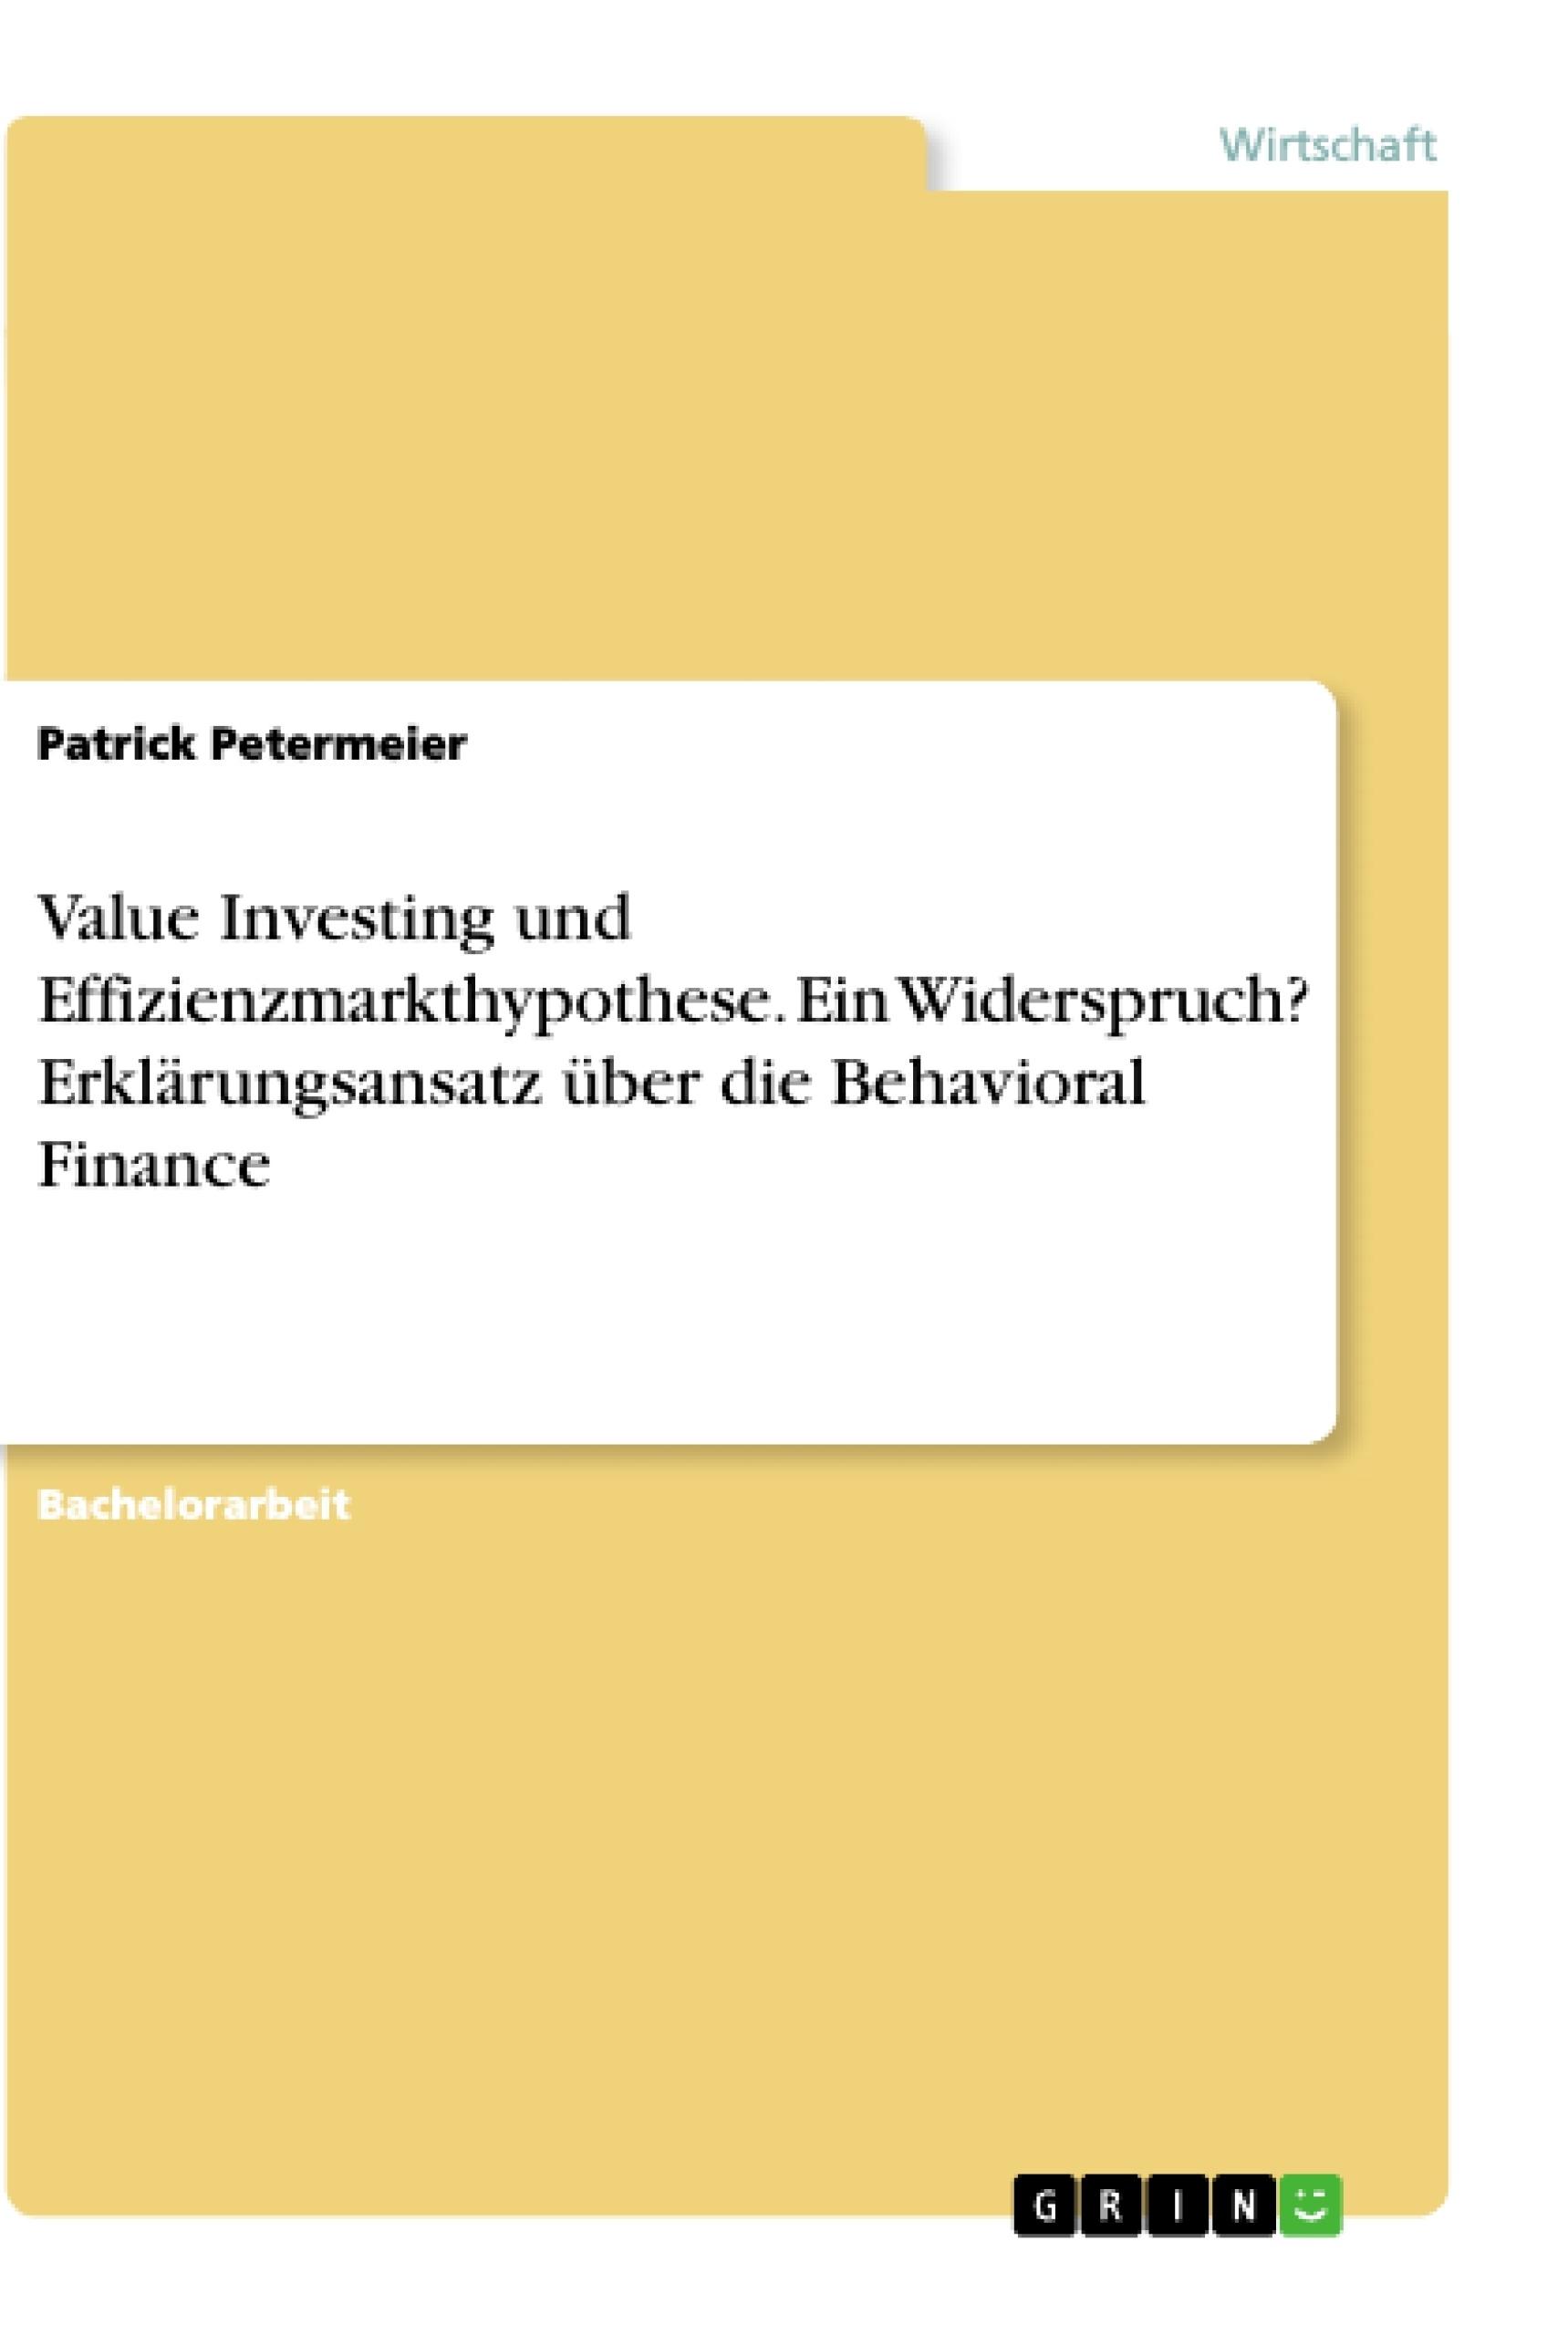 Titel: Value Investing und Effizienzmarkthypothese. Ein Widerspruch? Erklärungsansatz über die Behavioral Finance